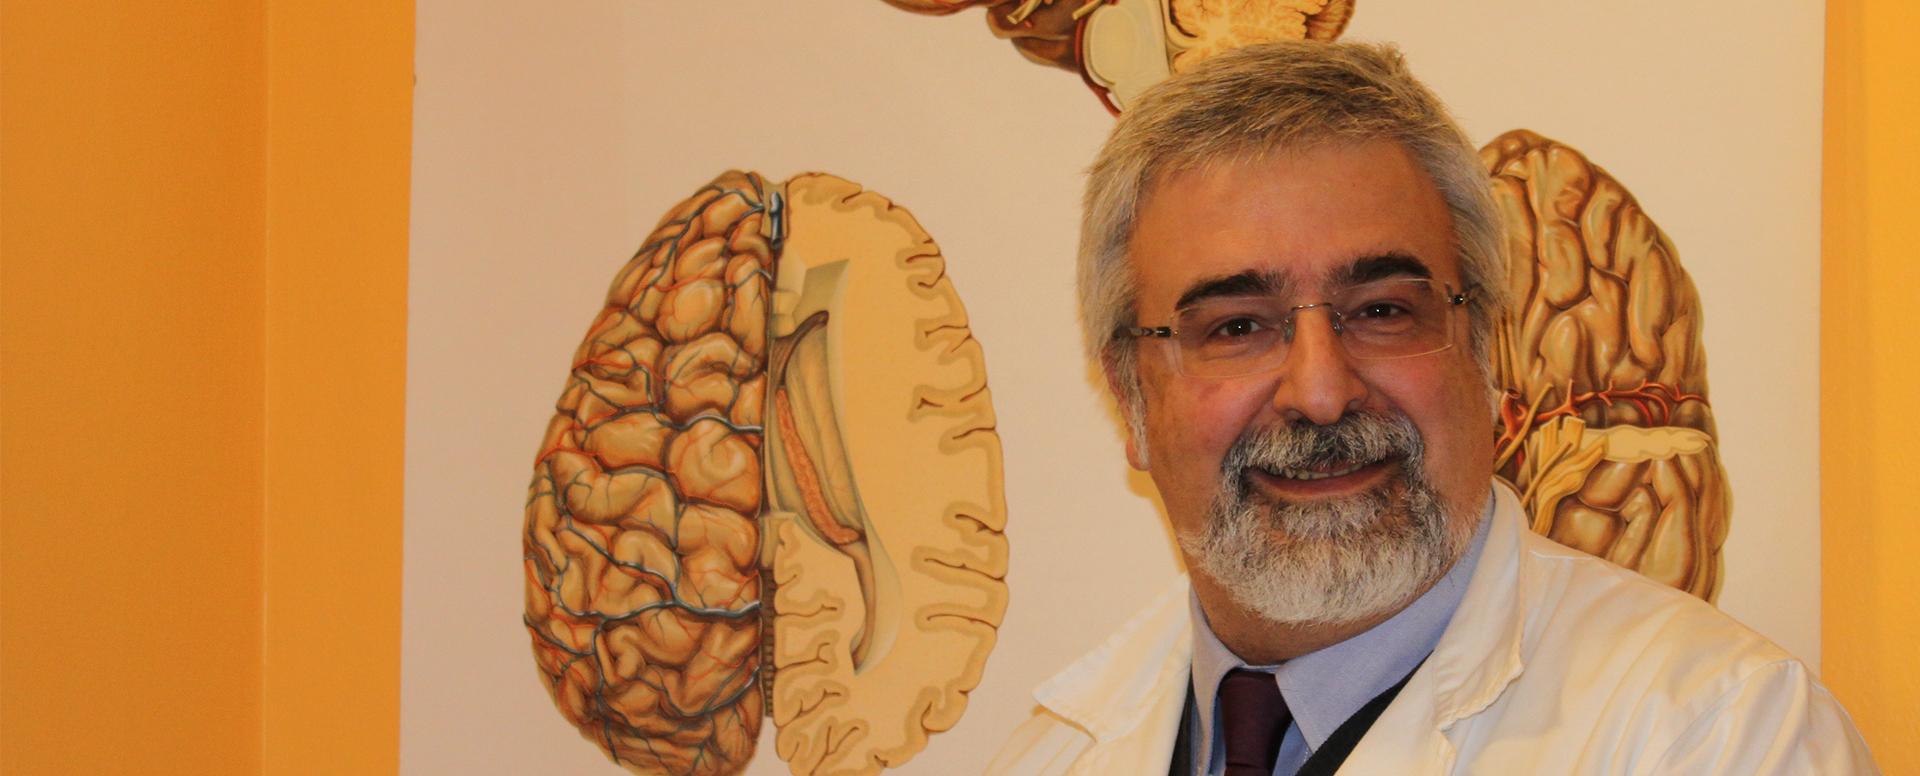 Quando arriva un pezzo da 90: il Dott. Lamberti in Fincopp Lombardia.